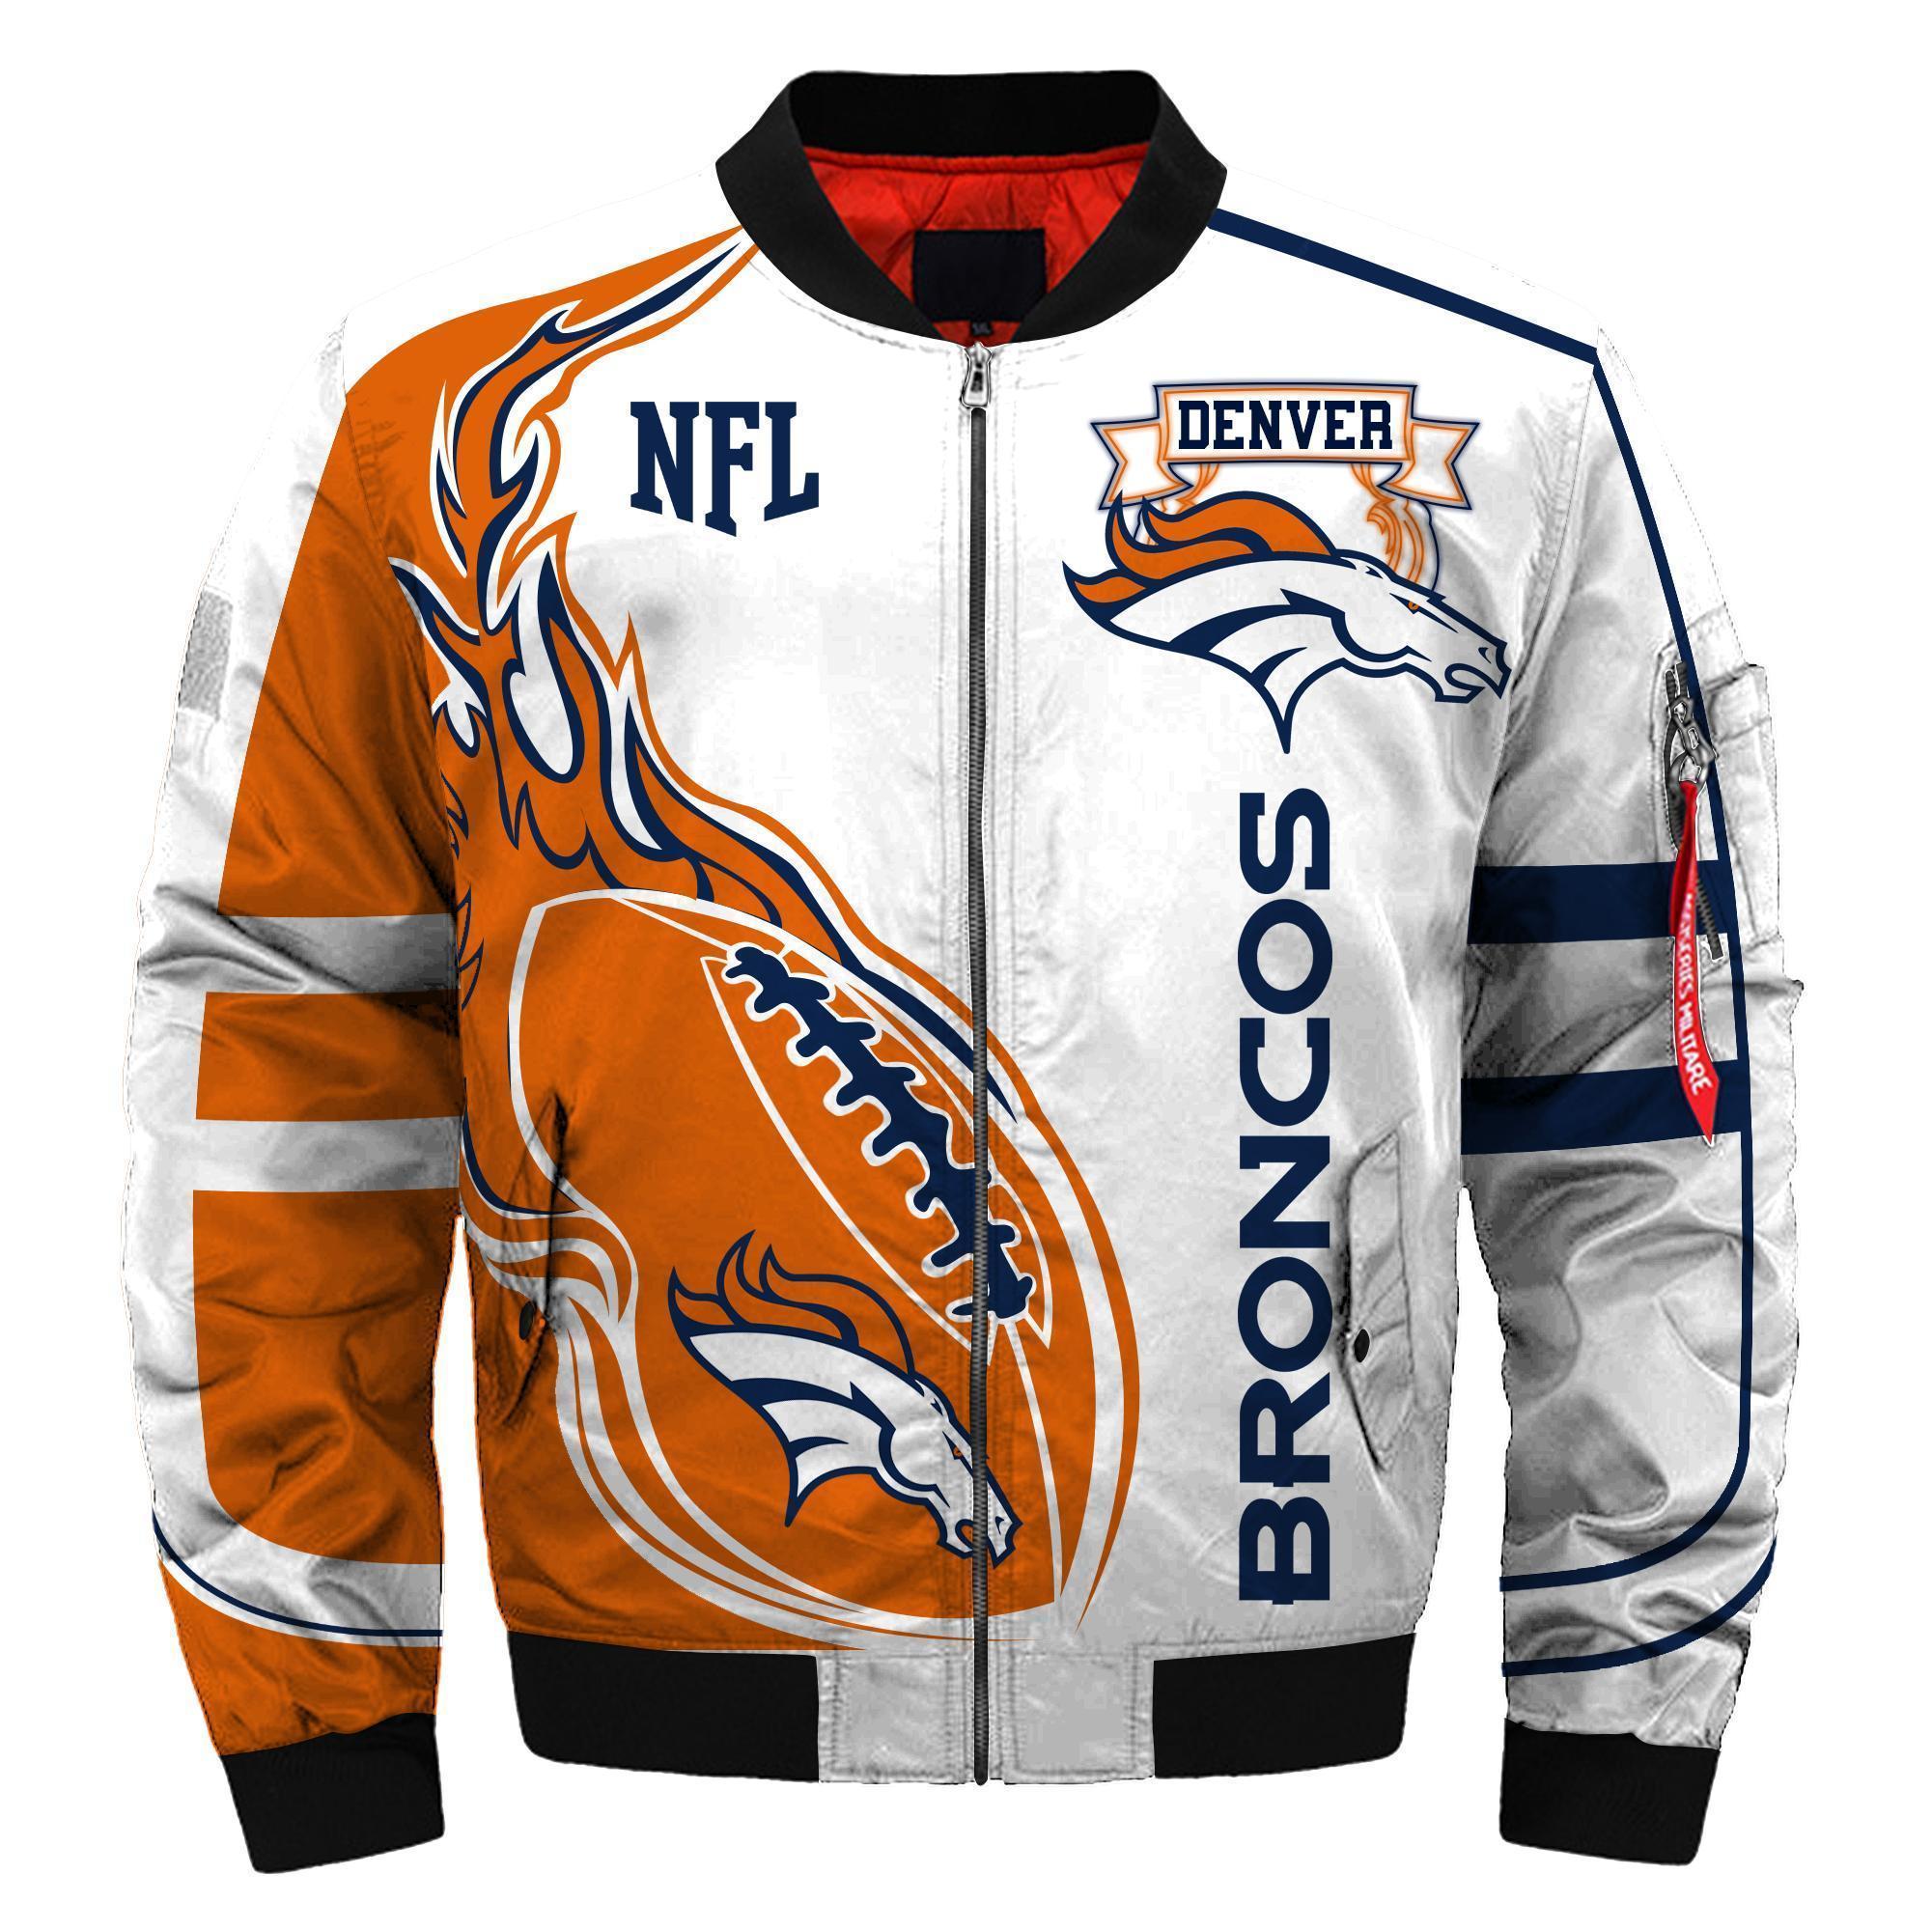 013 Nfl Denver Broncos Custom North Face Winter Jacket Bomer High Quality Plus Size Jacket